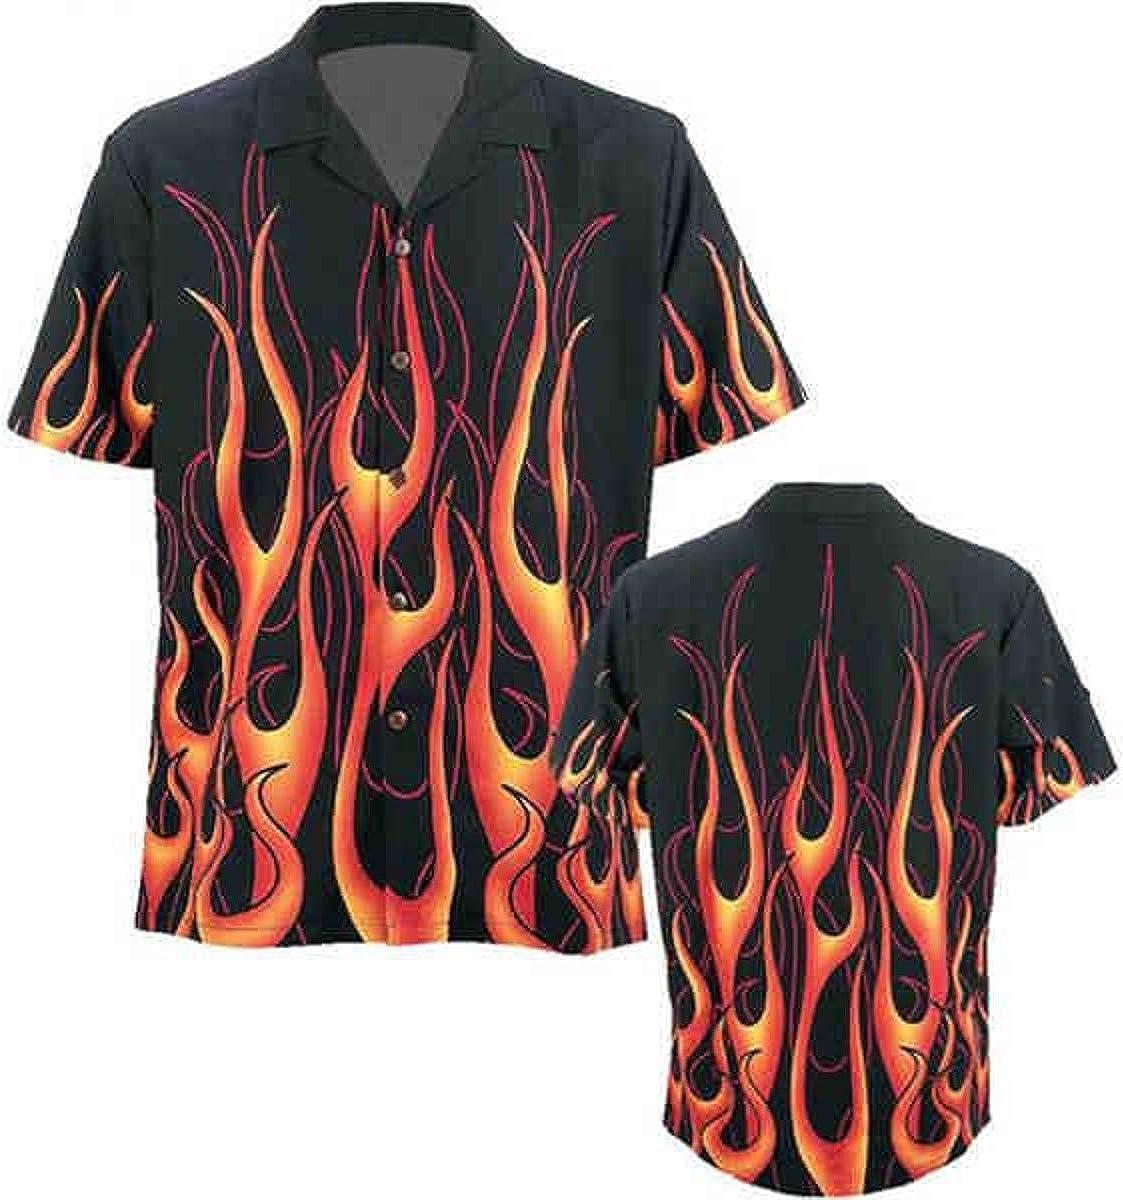 Camisa para Adulto con diseño de Llamas con águila y Texto ...